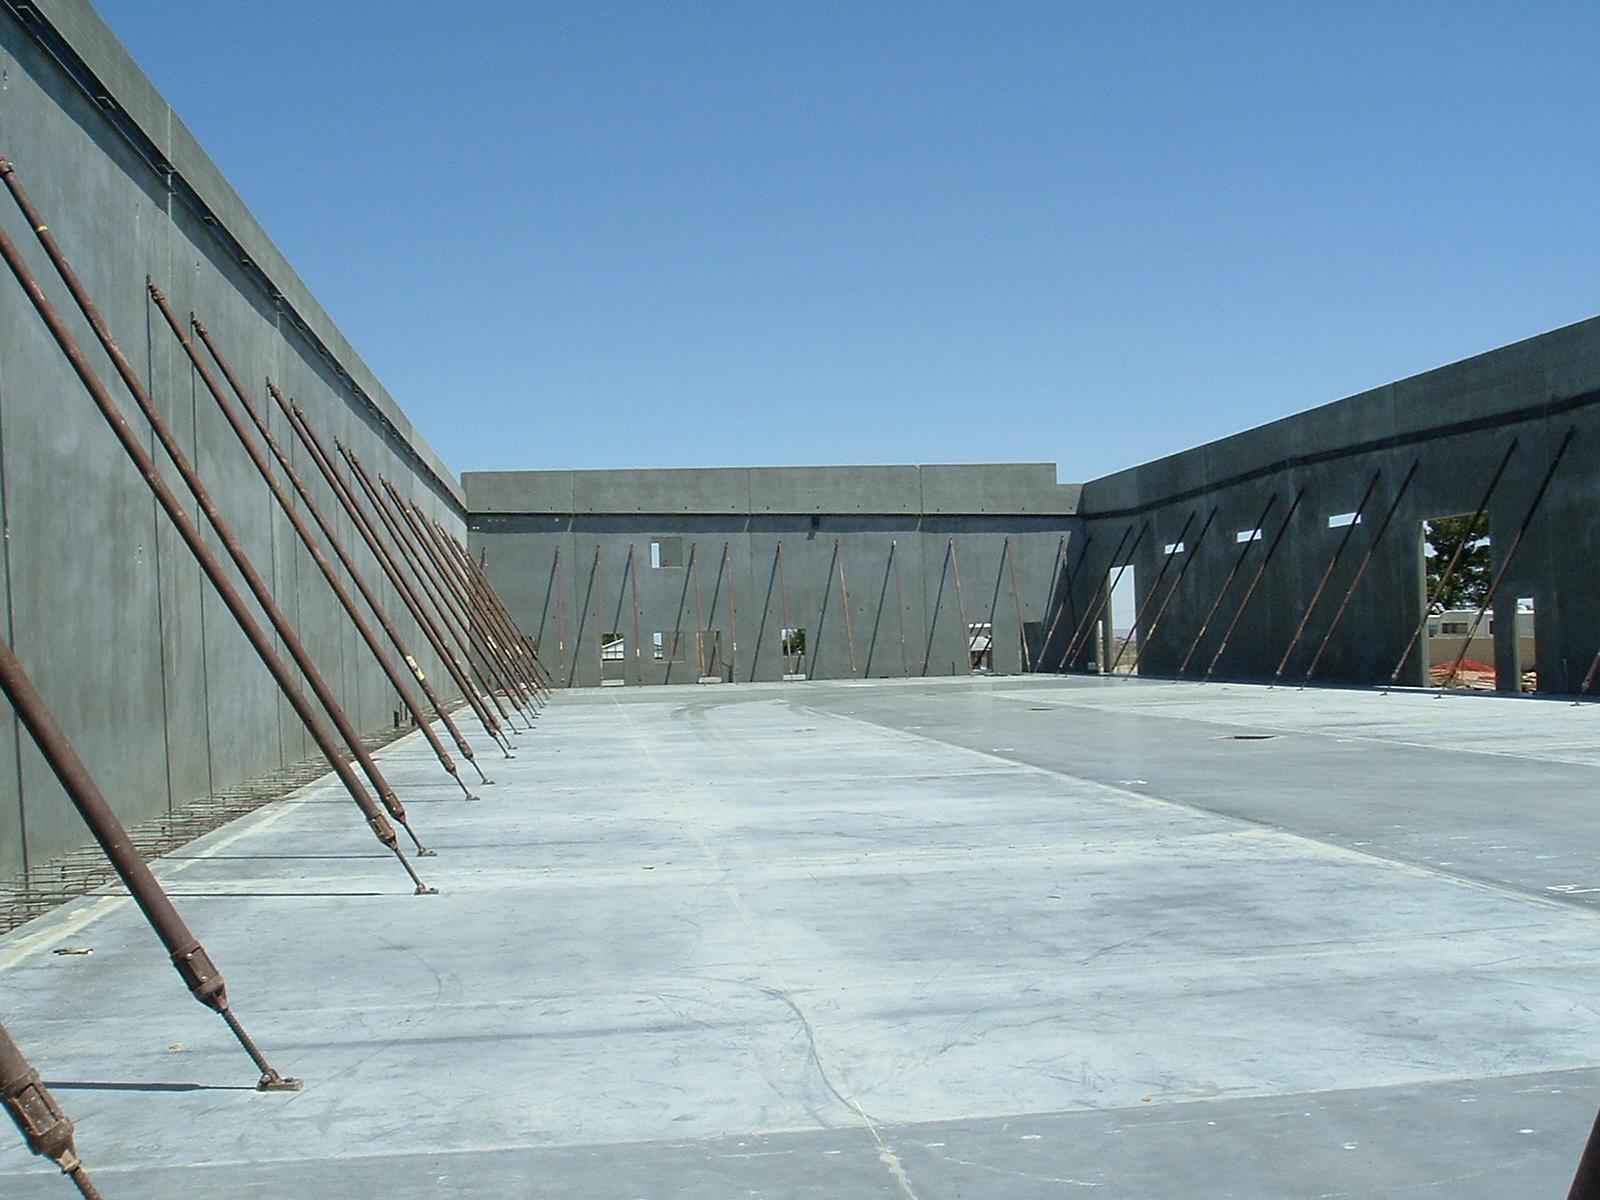 Industrial Concrete - DSCF2048